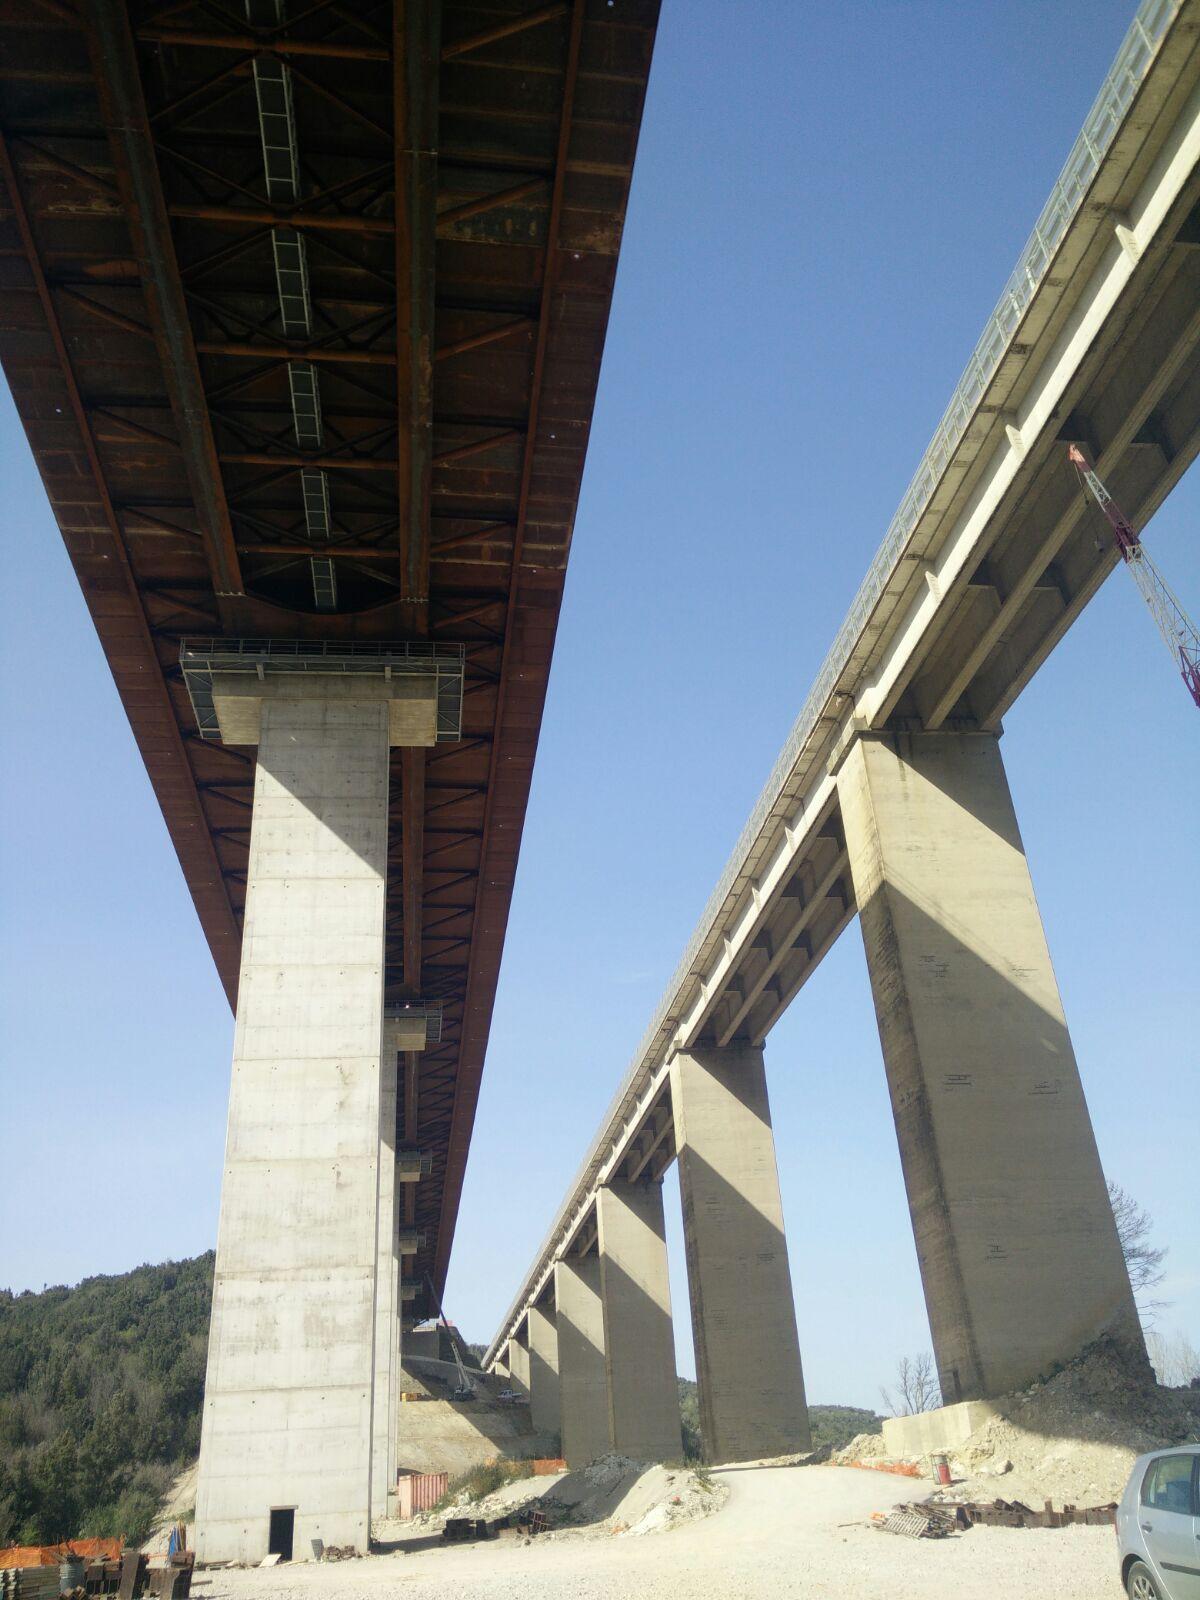 Petriolo ponte dei suicidi – I precedenti